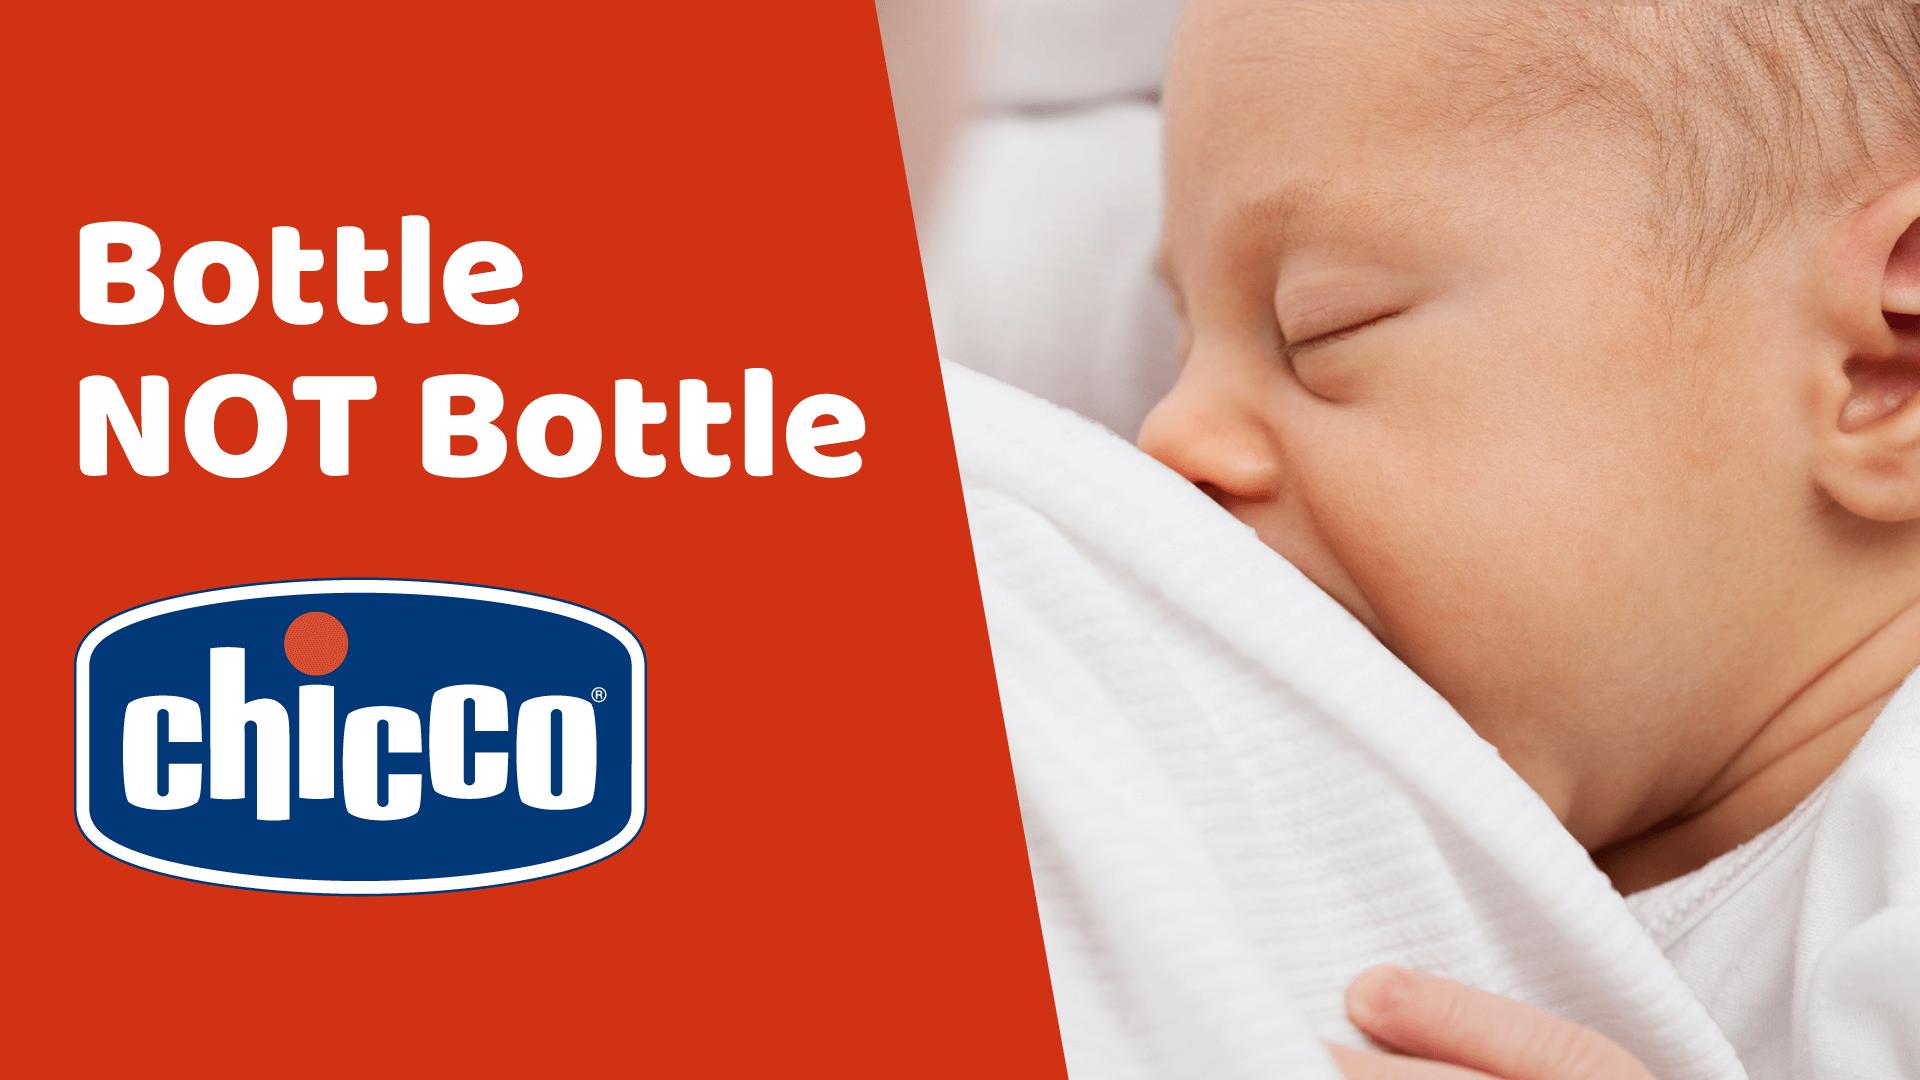 Bottle NOT Bottle